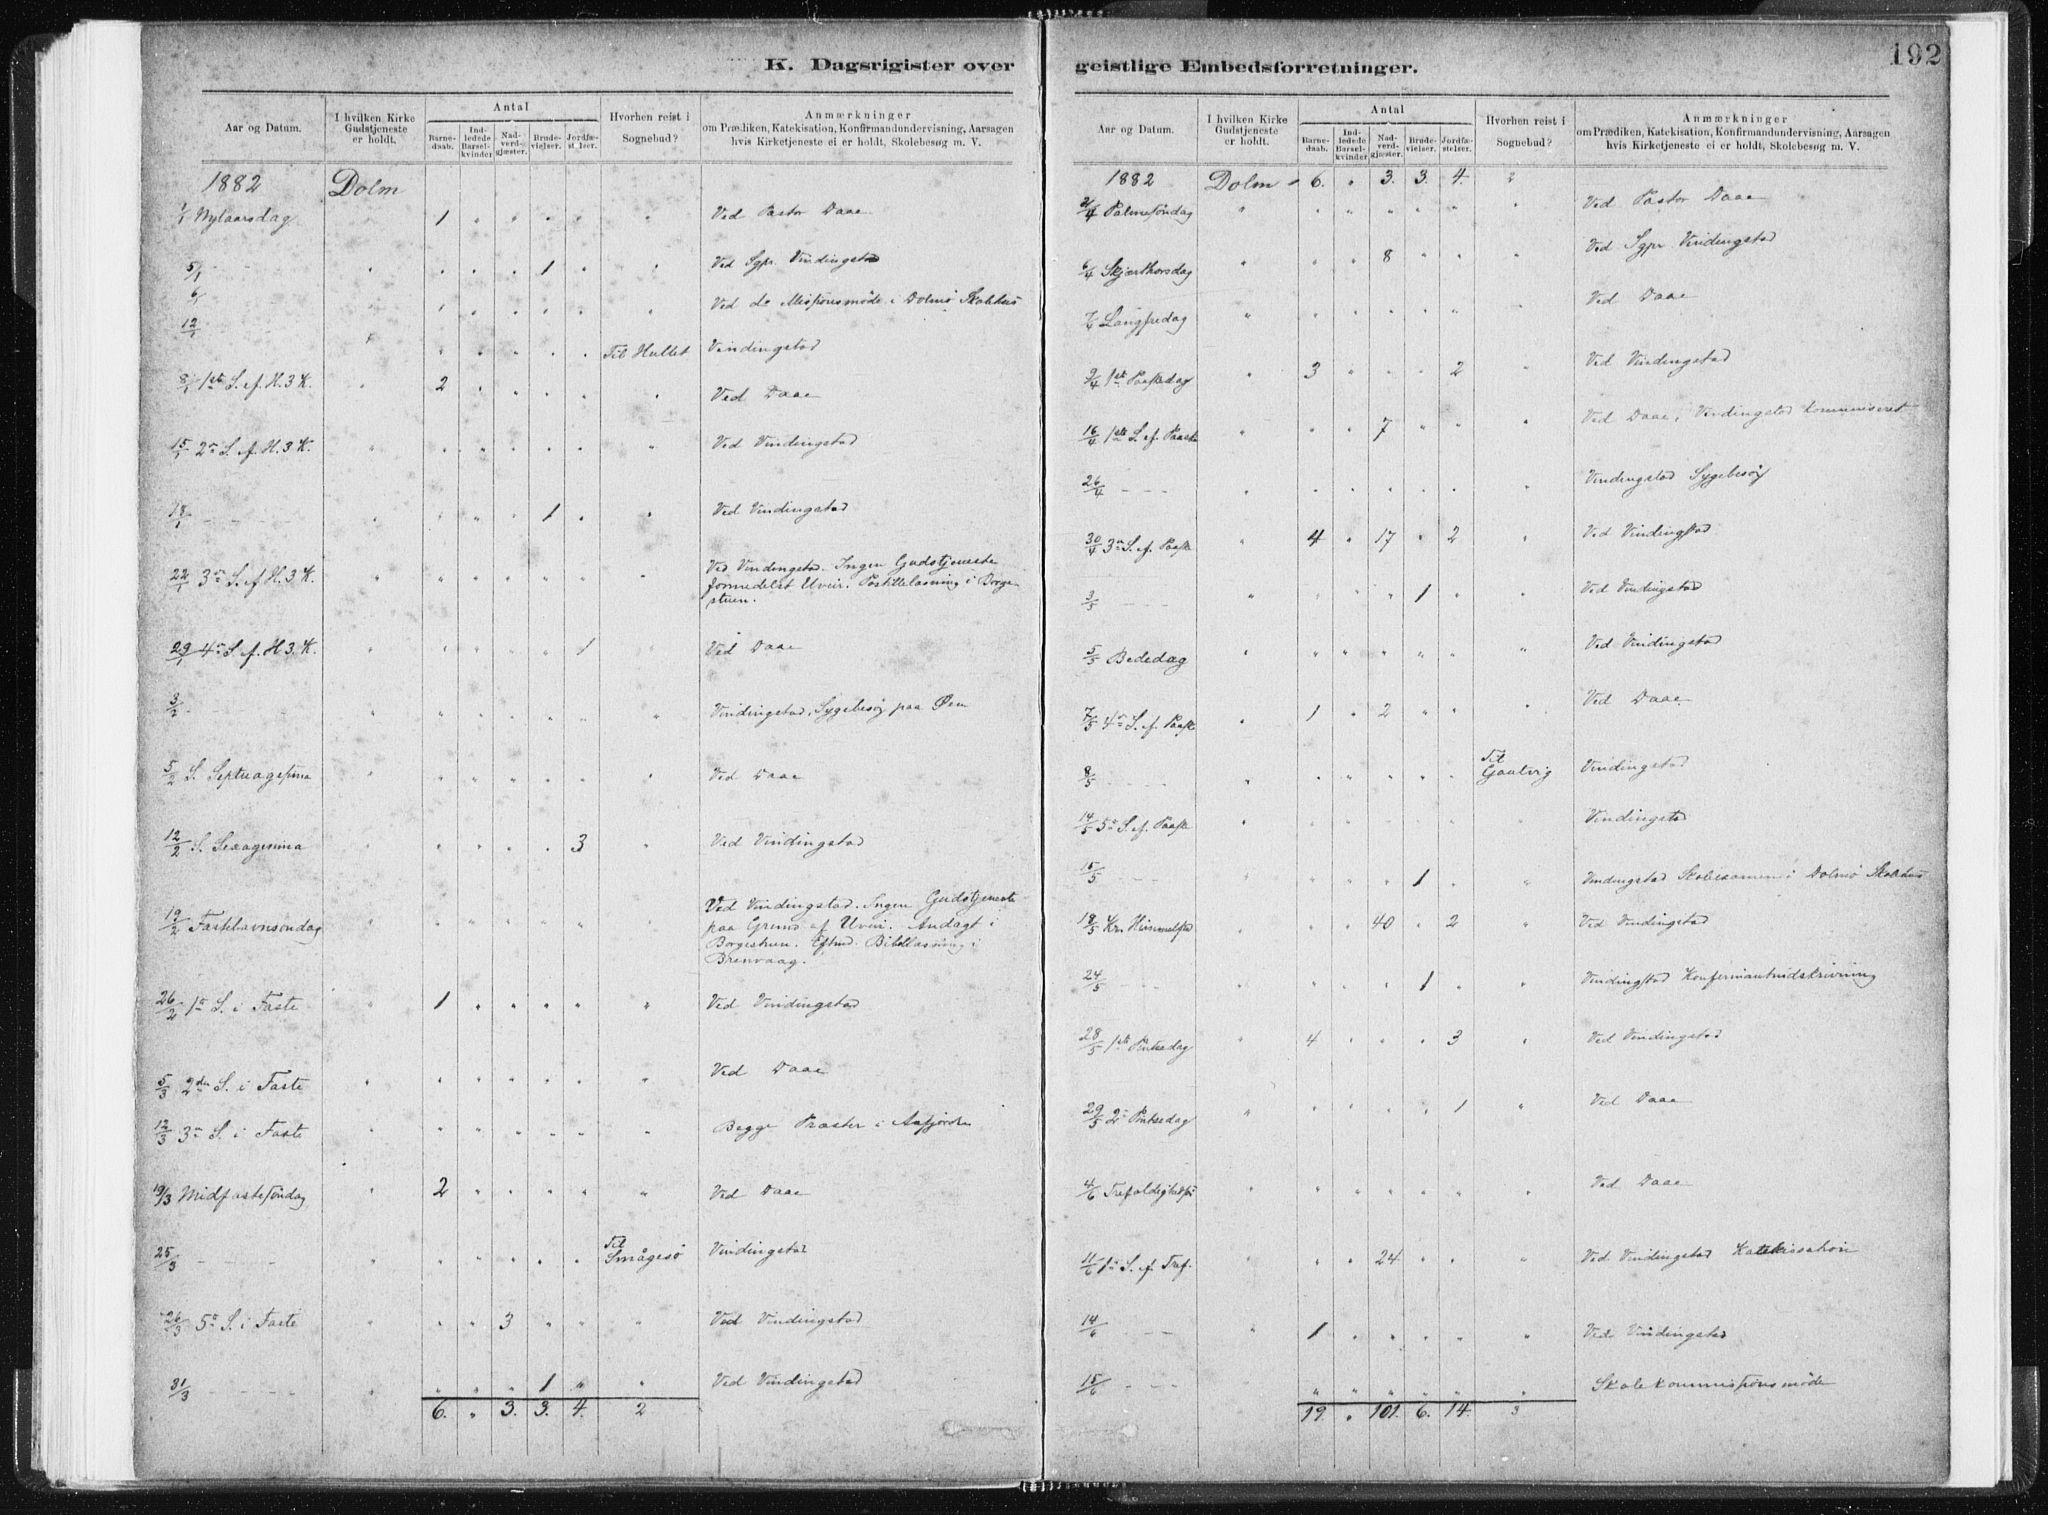 SAT, Ministerialprotokoller, klokkerbøker og fødselsregistre - Sør-Trøndelag, 634/L0533: Ministerialbok nr. 634A09, 1882-1901, s. 192